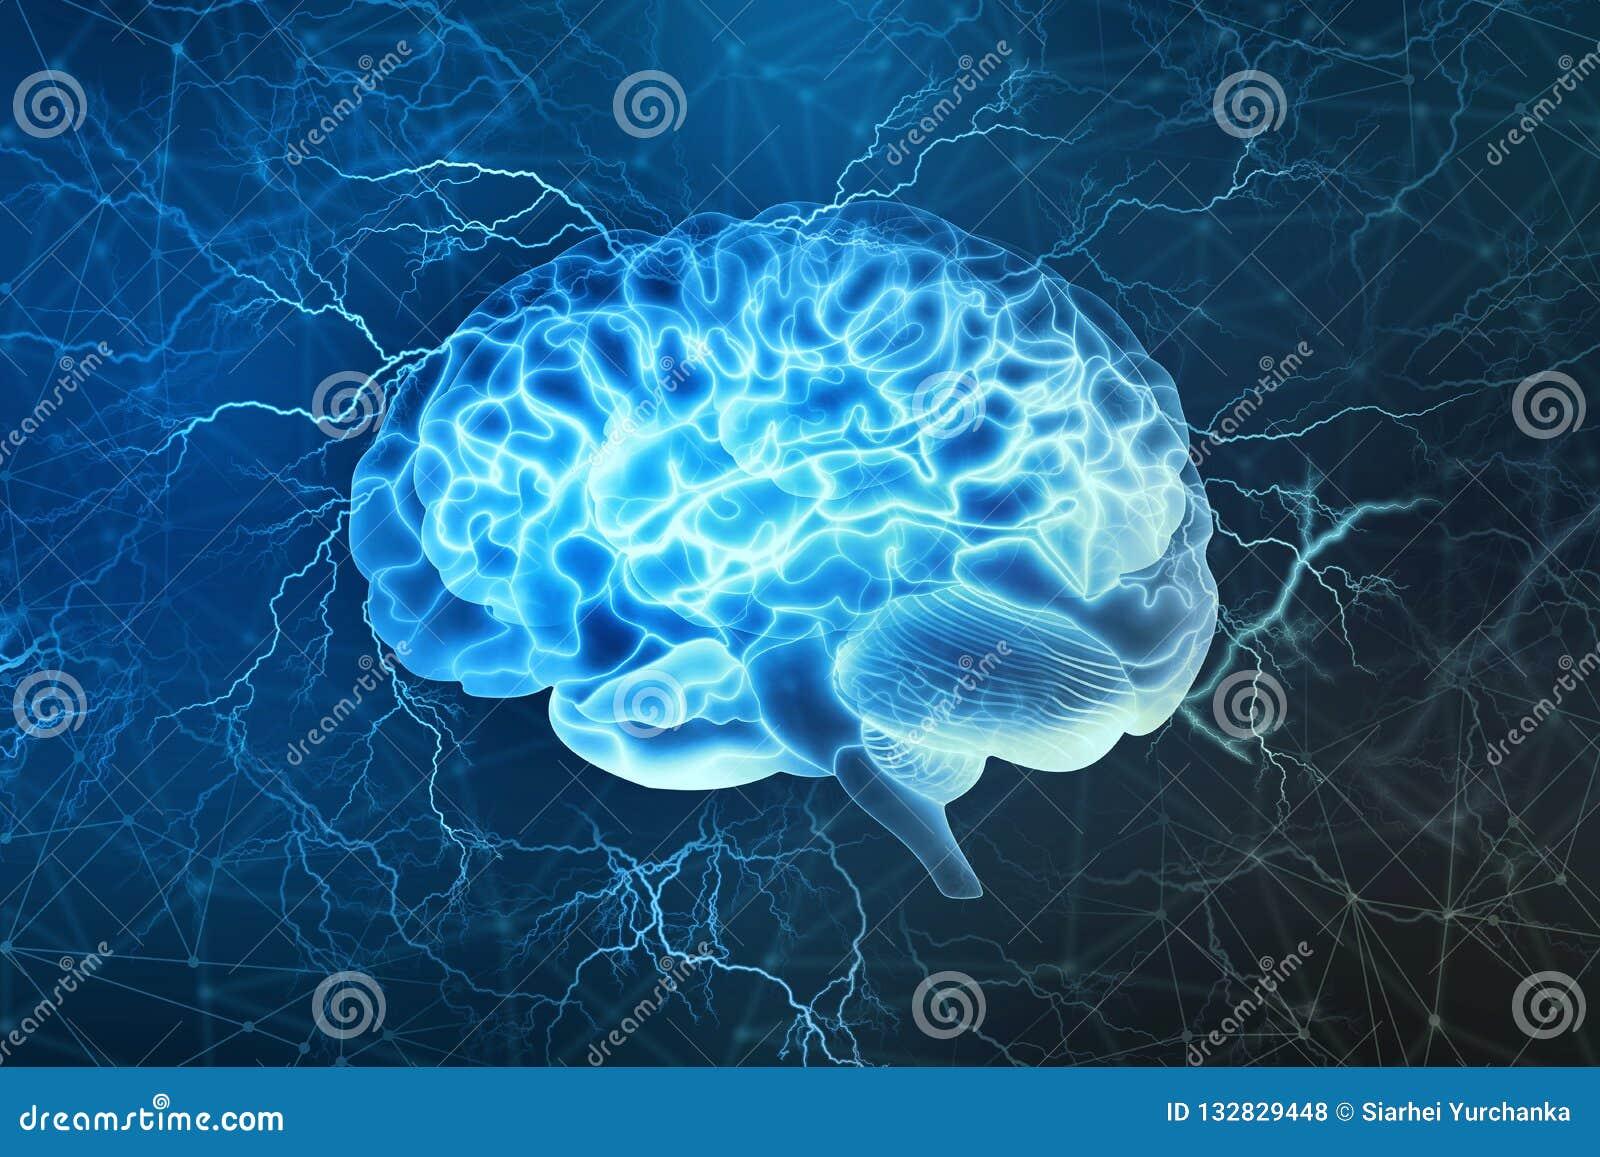 Actividad eléctrica del cerebro humano